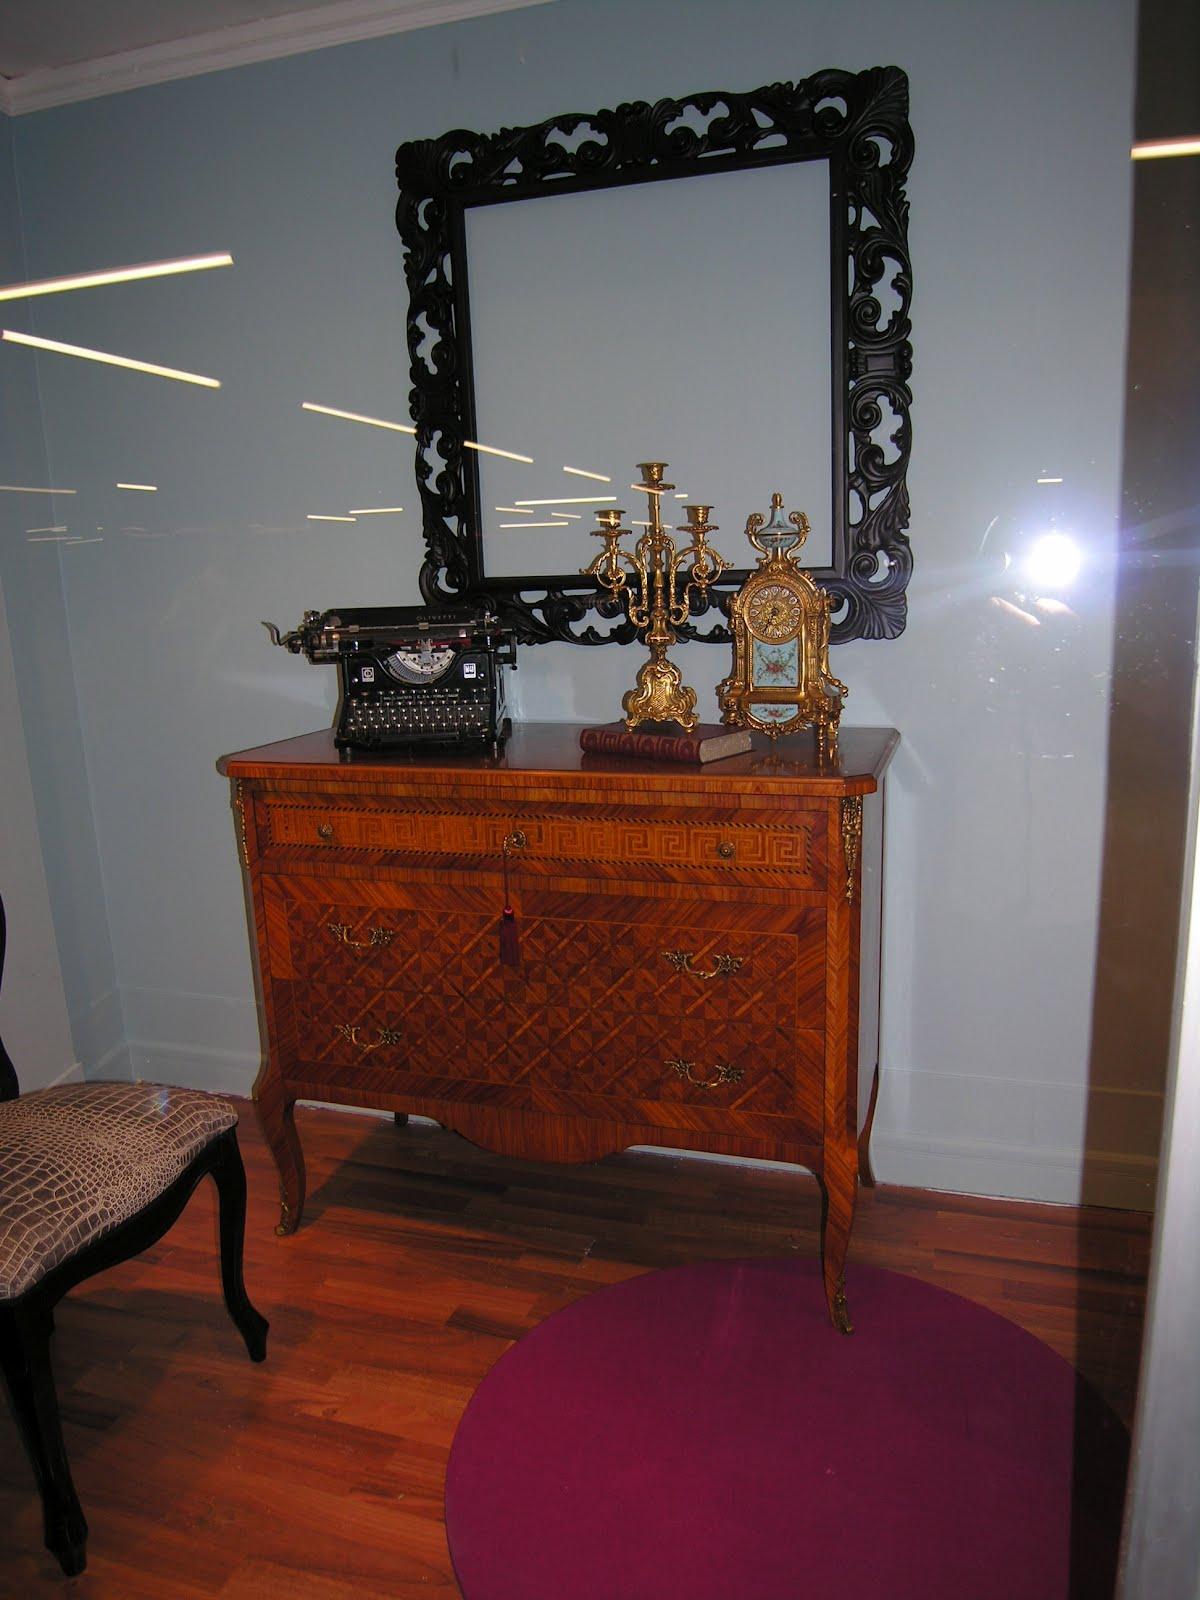 arredo e design m i a mobili intarsiati artistici